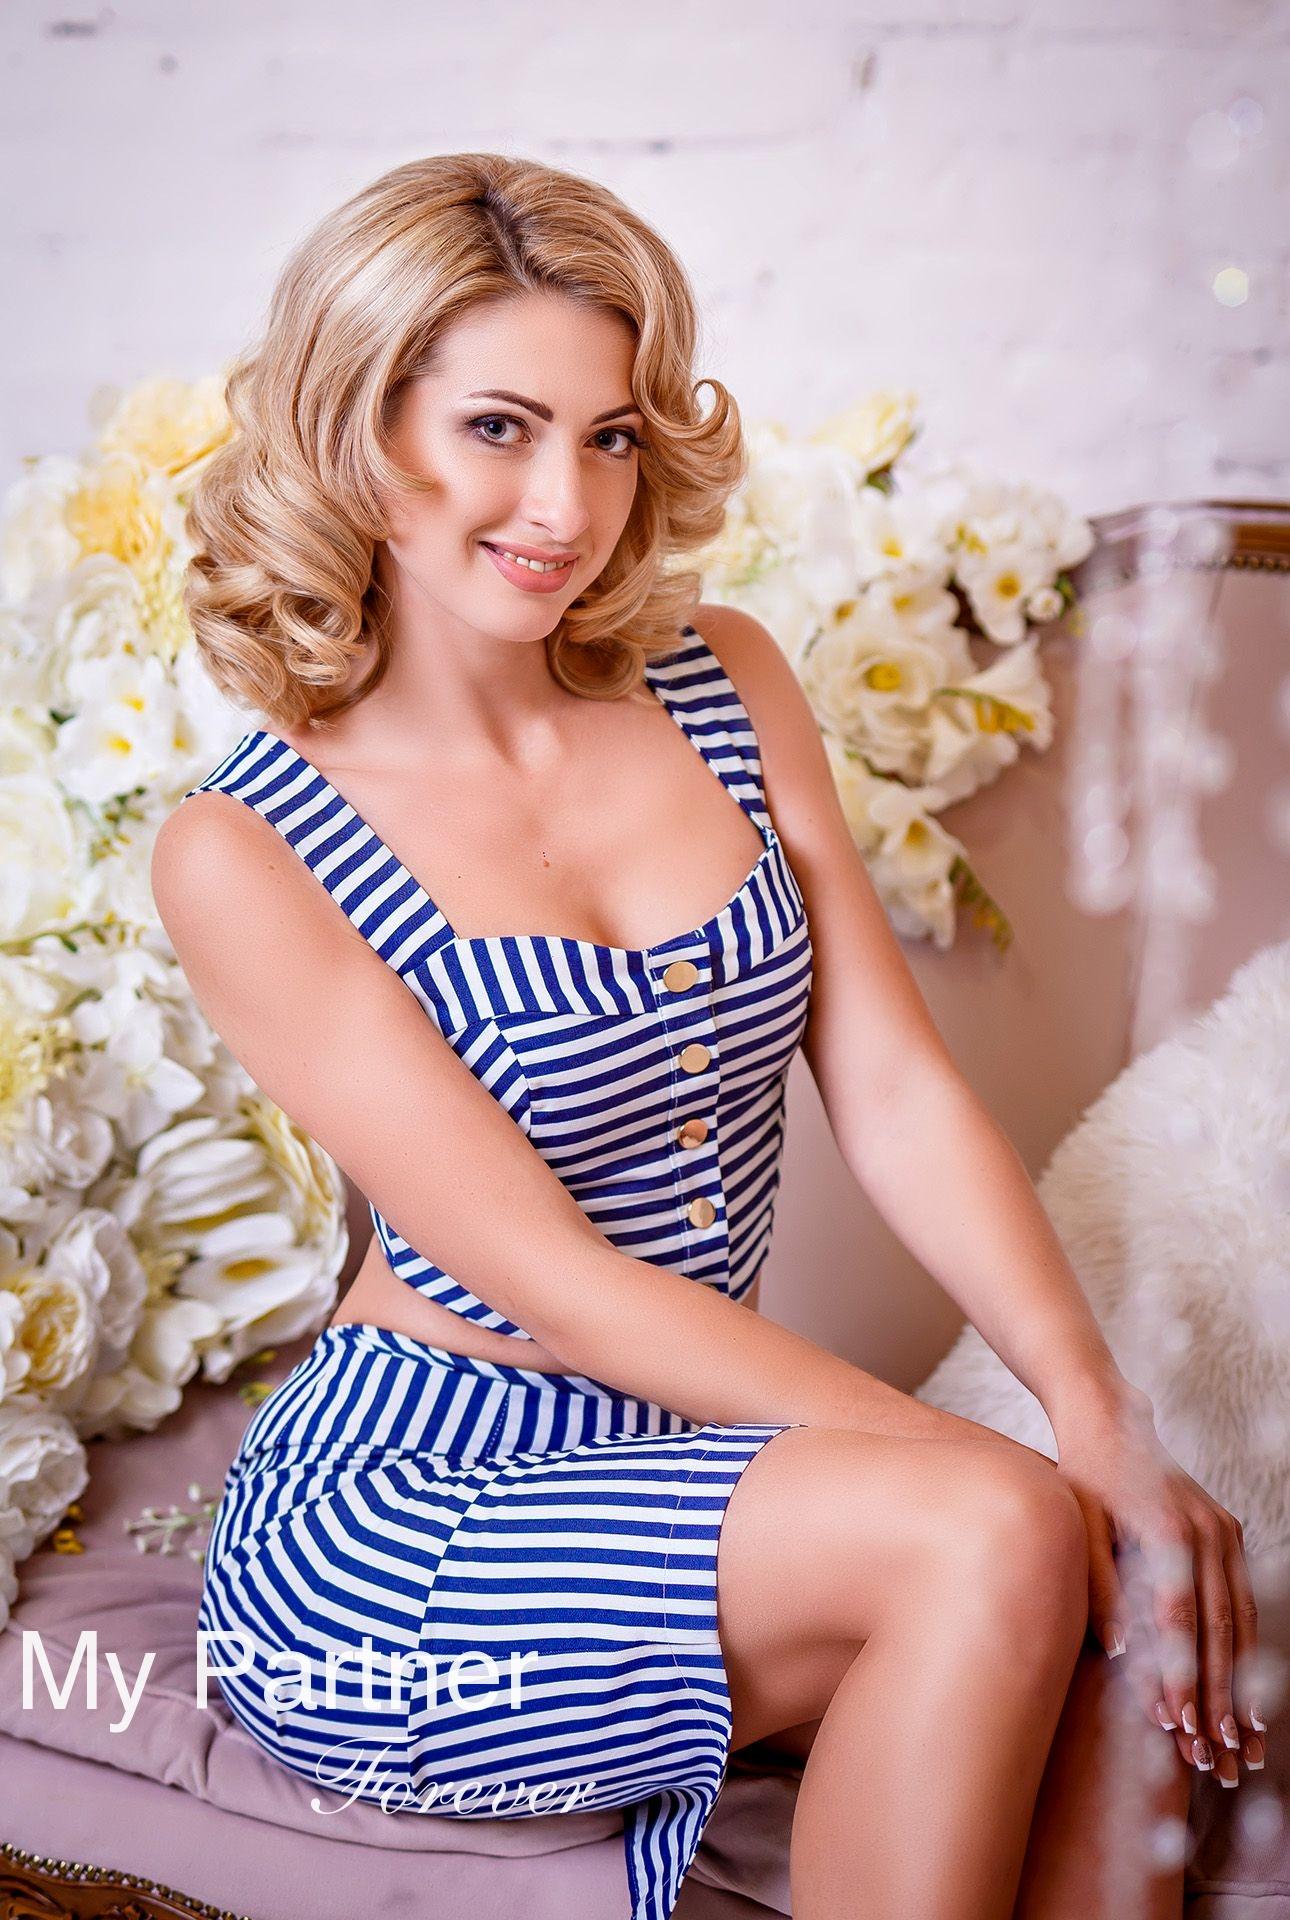 Privacy Antiscam Ukrainian Singles Com